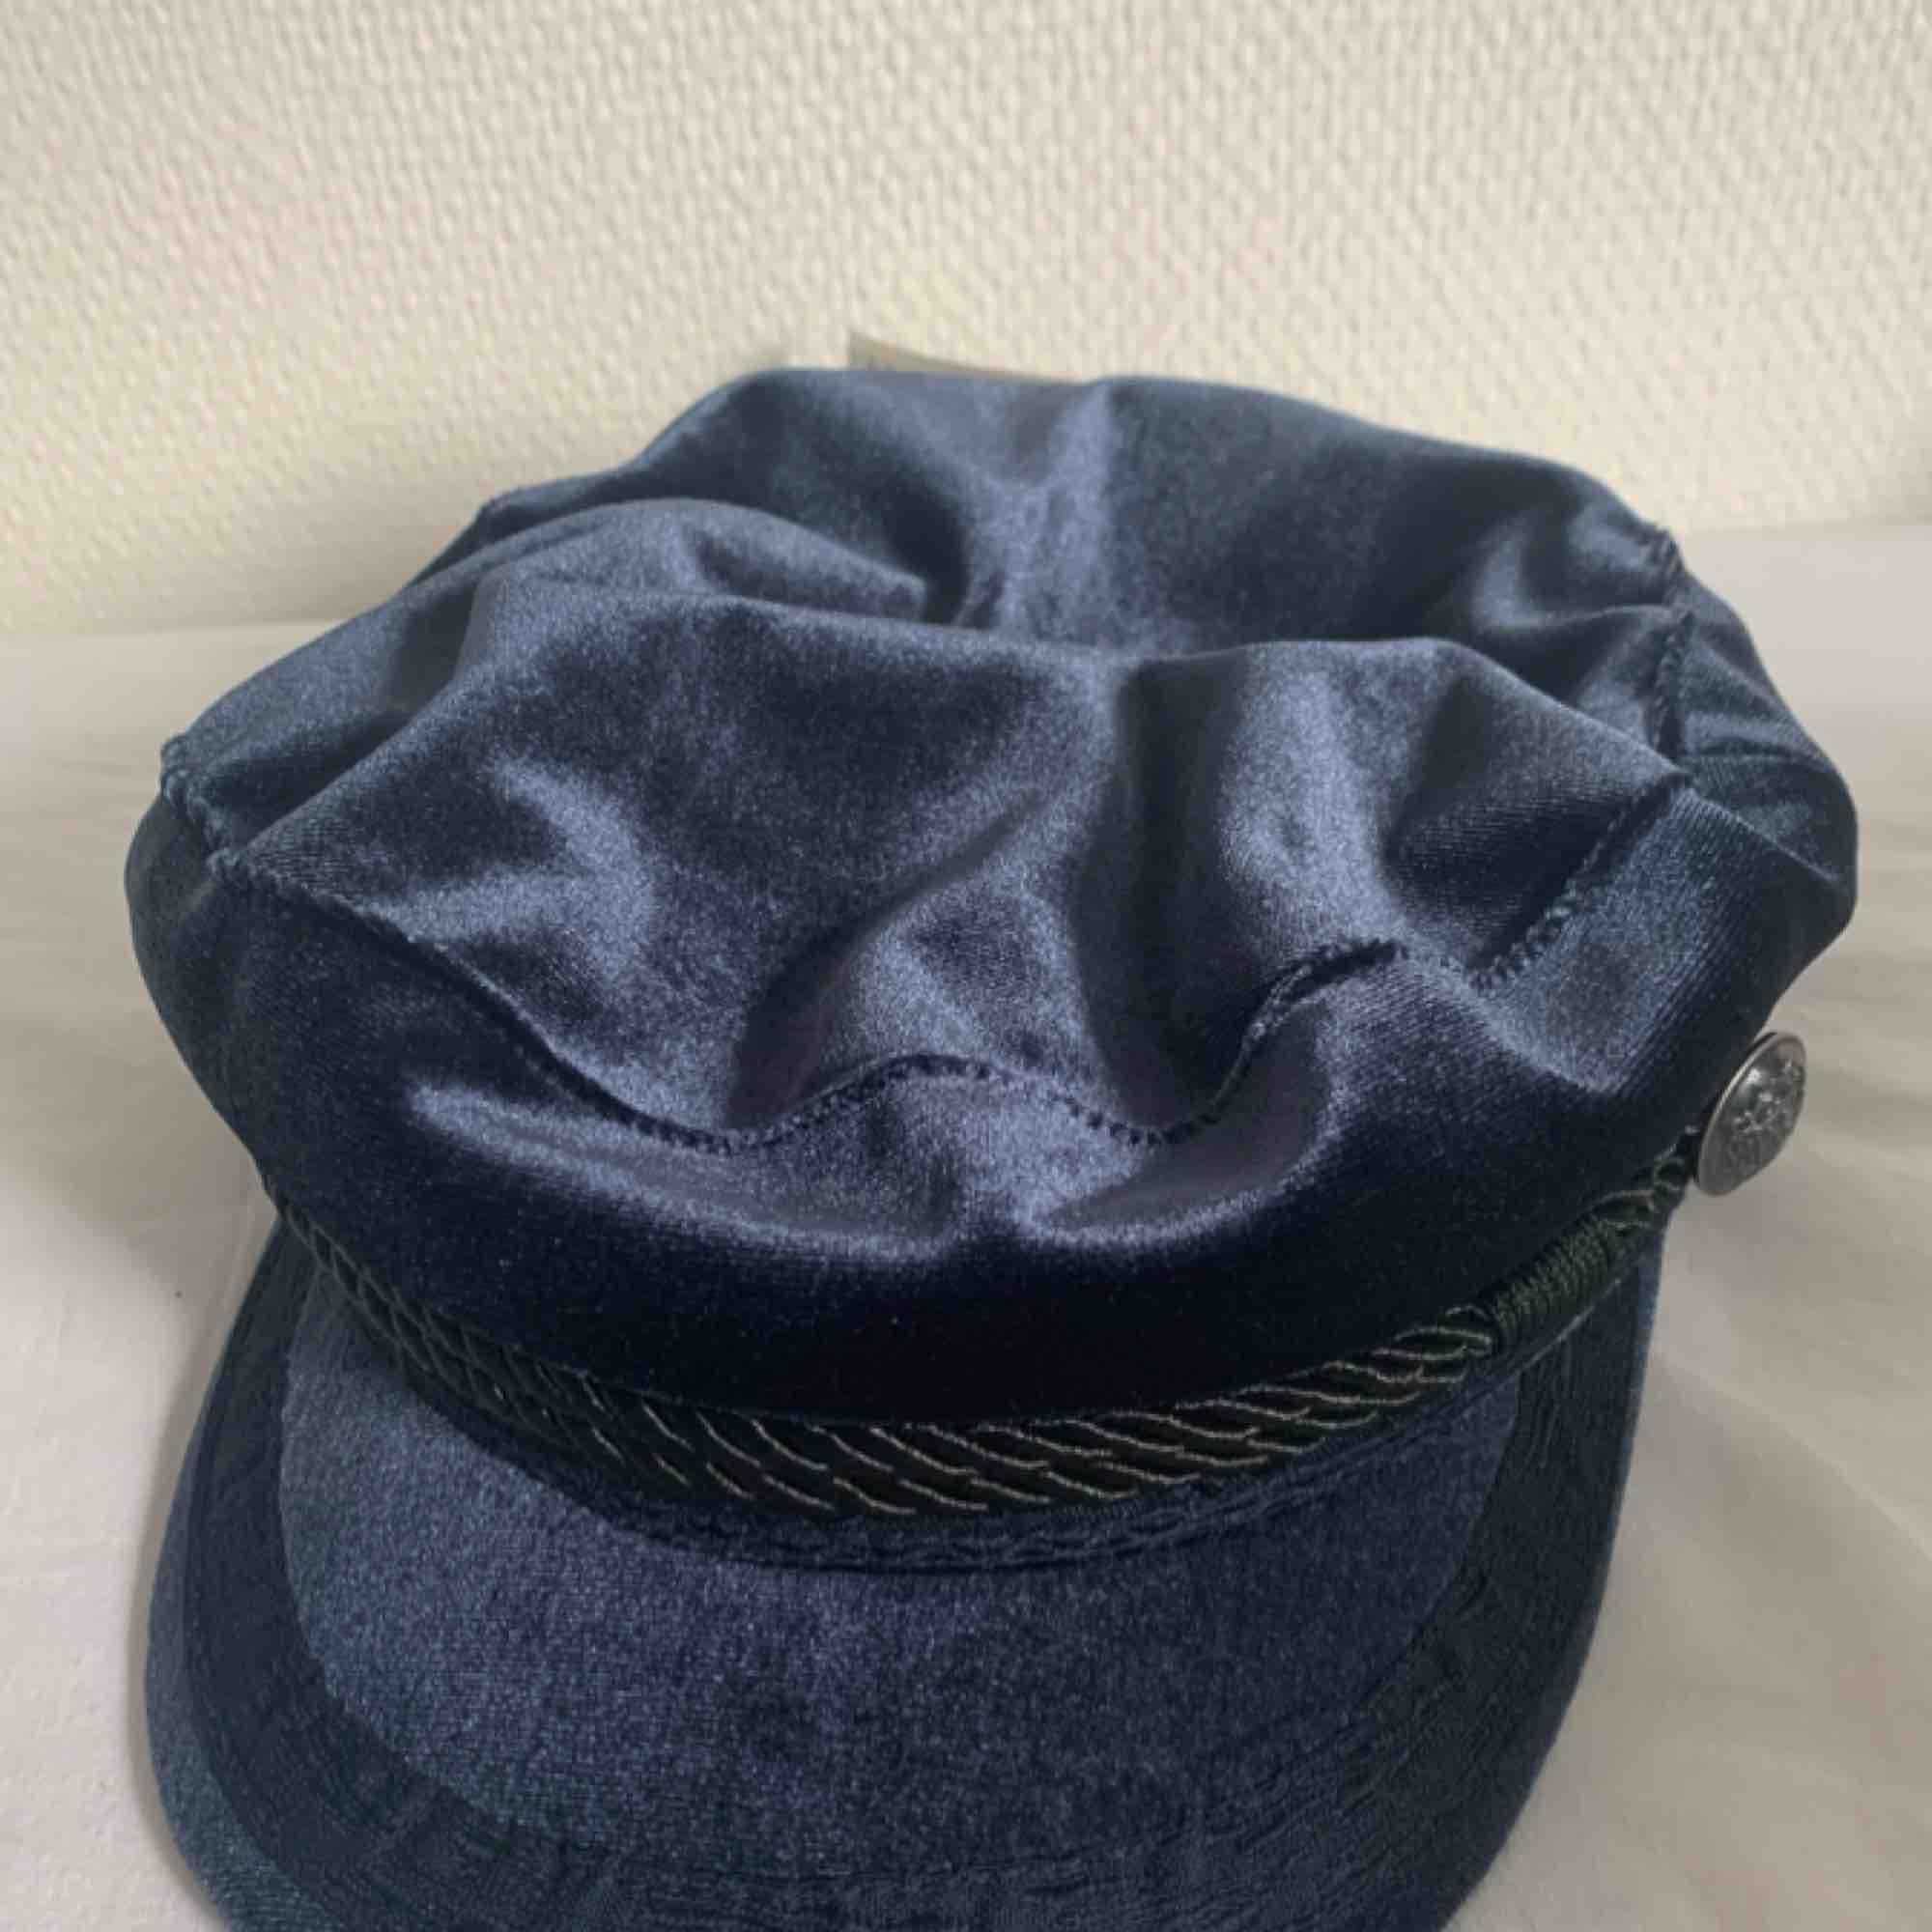 Basker, keps, hatt, mössa. Aldrig använt. Köparen står för frakt. Övrigt.